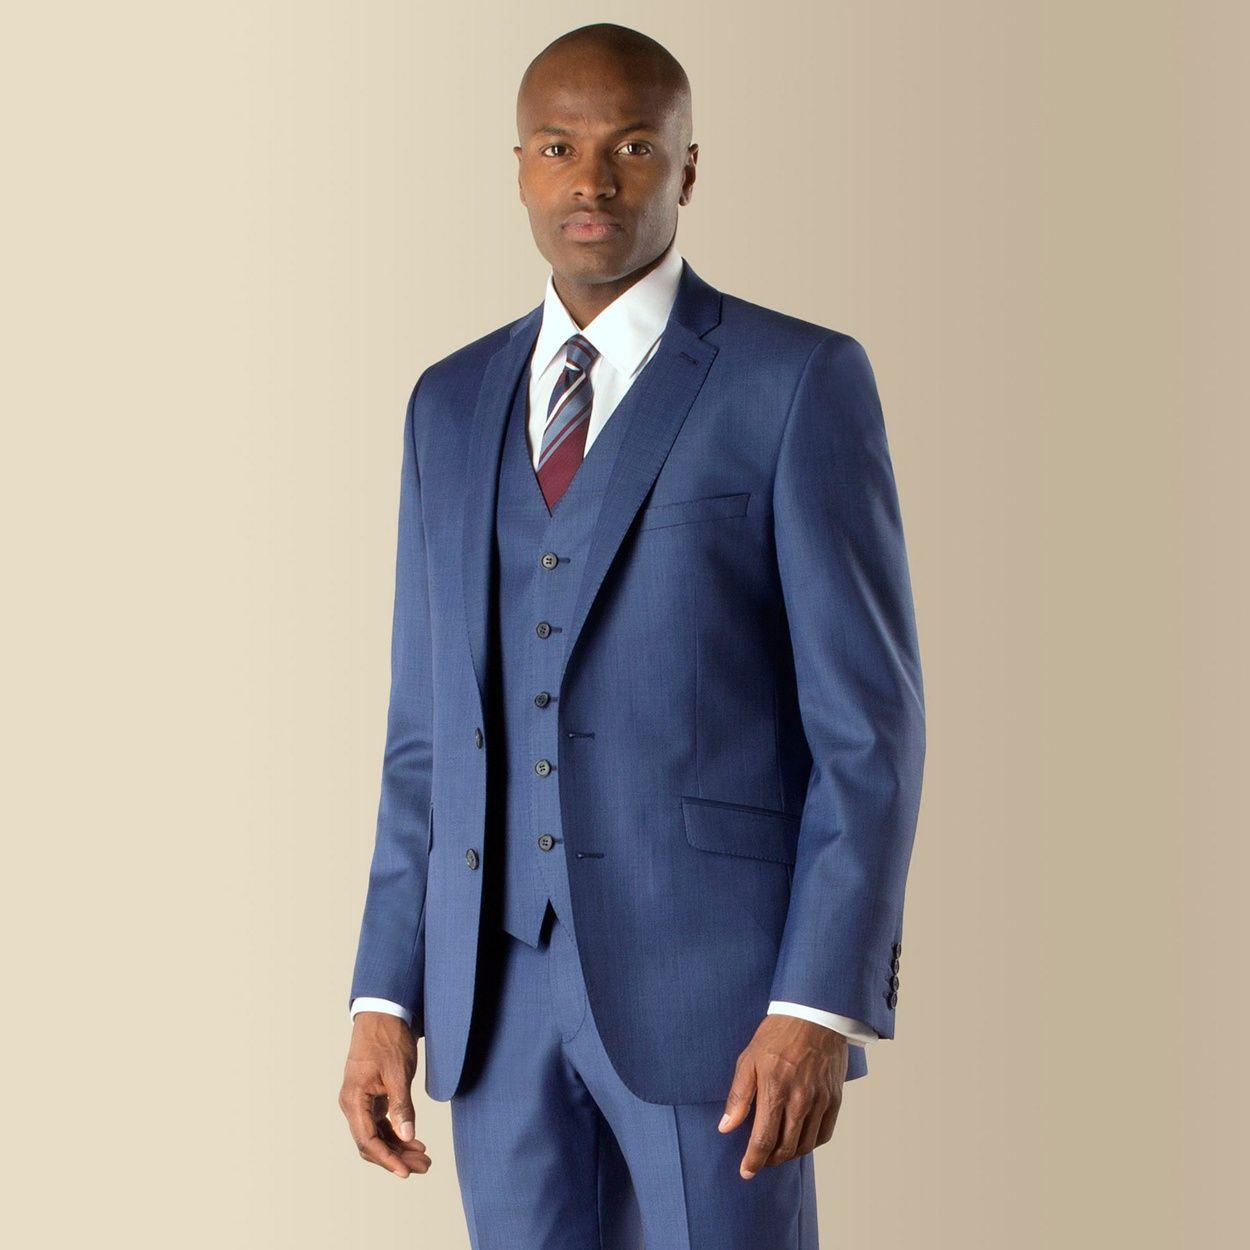 Ungewöhnlich Debenhams Wedding Suits Galerie - Brautkleider Ideen ...